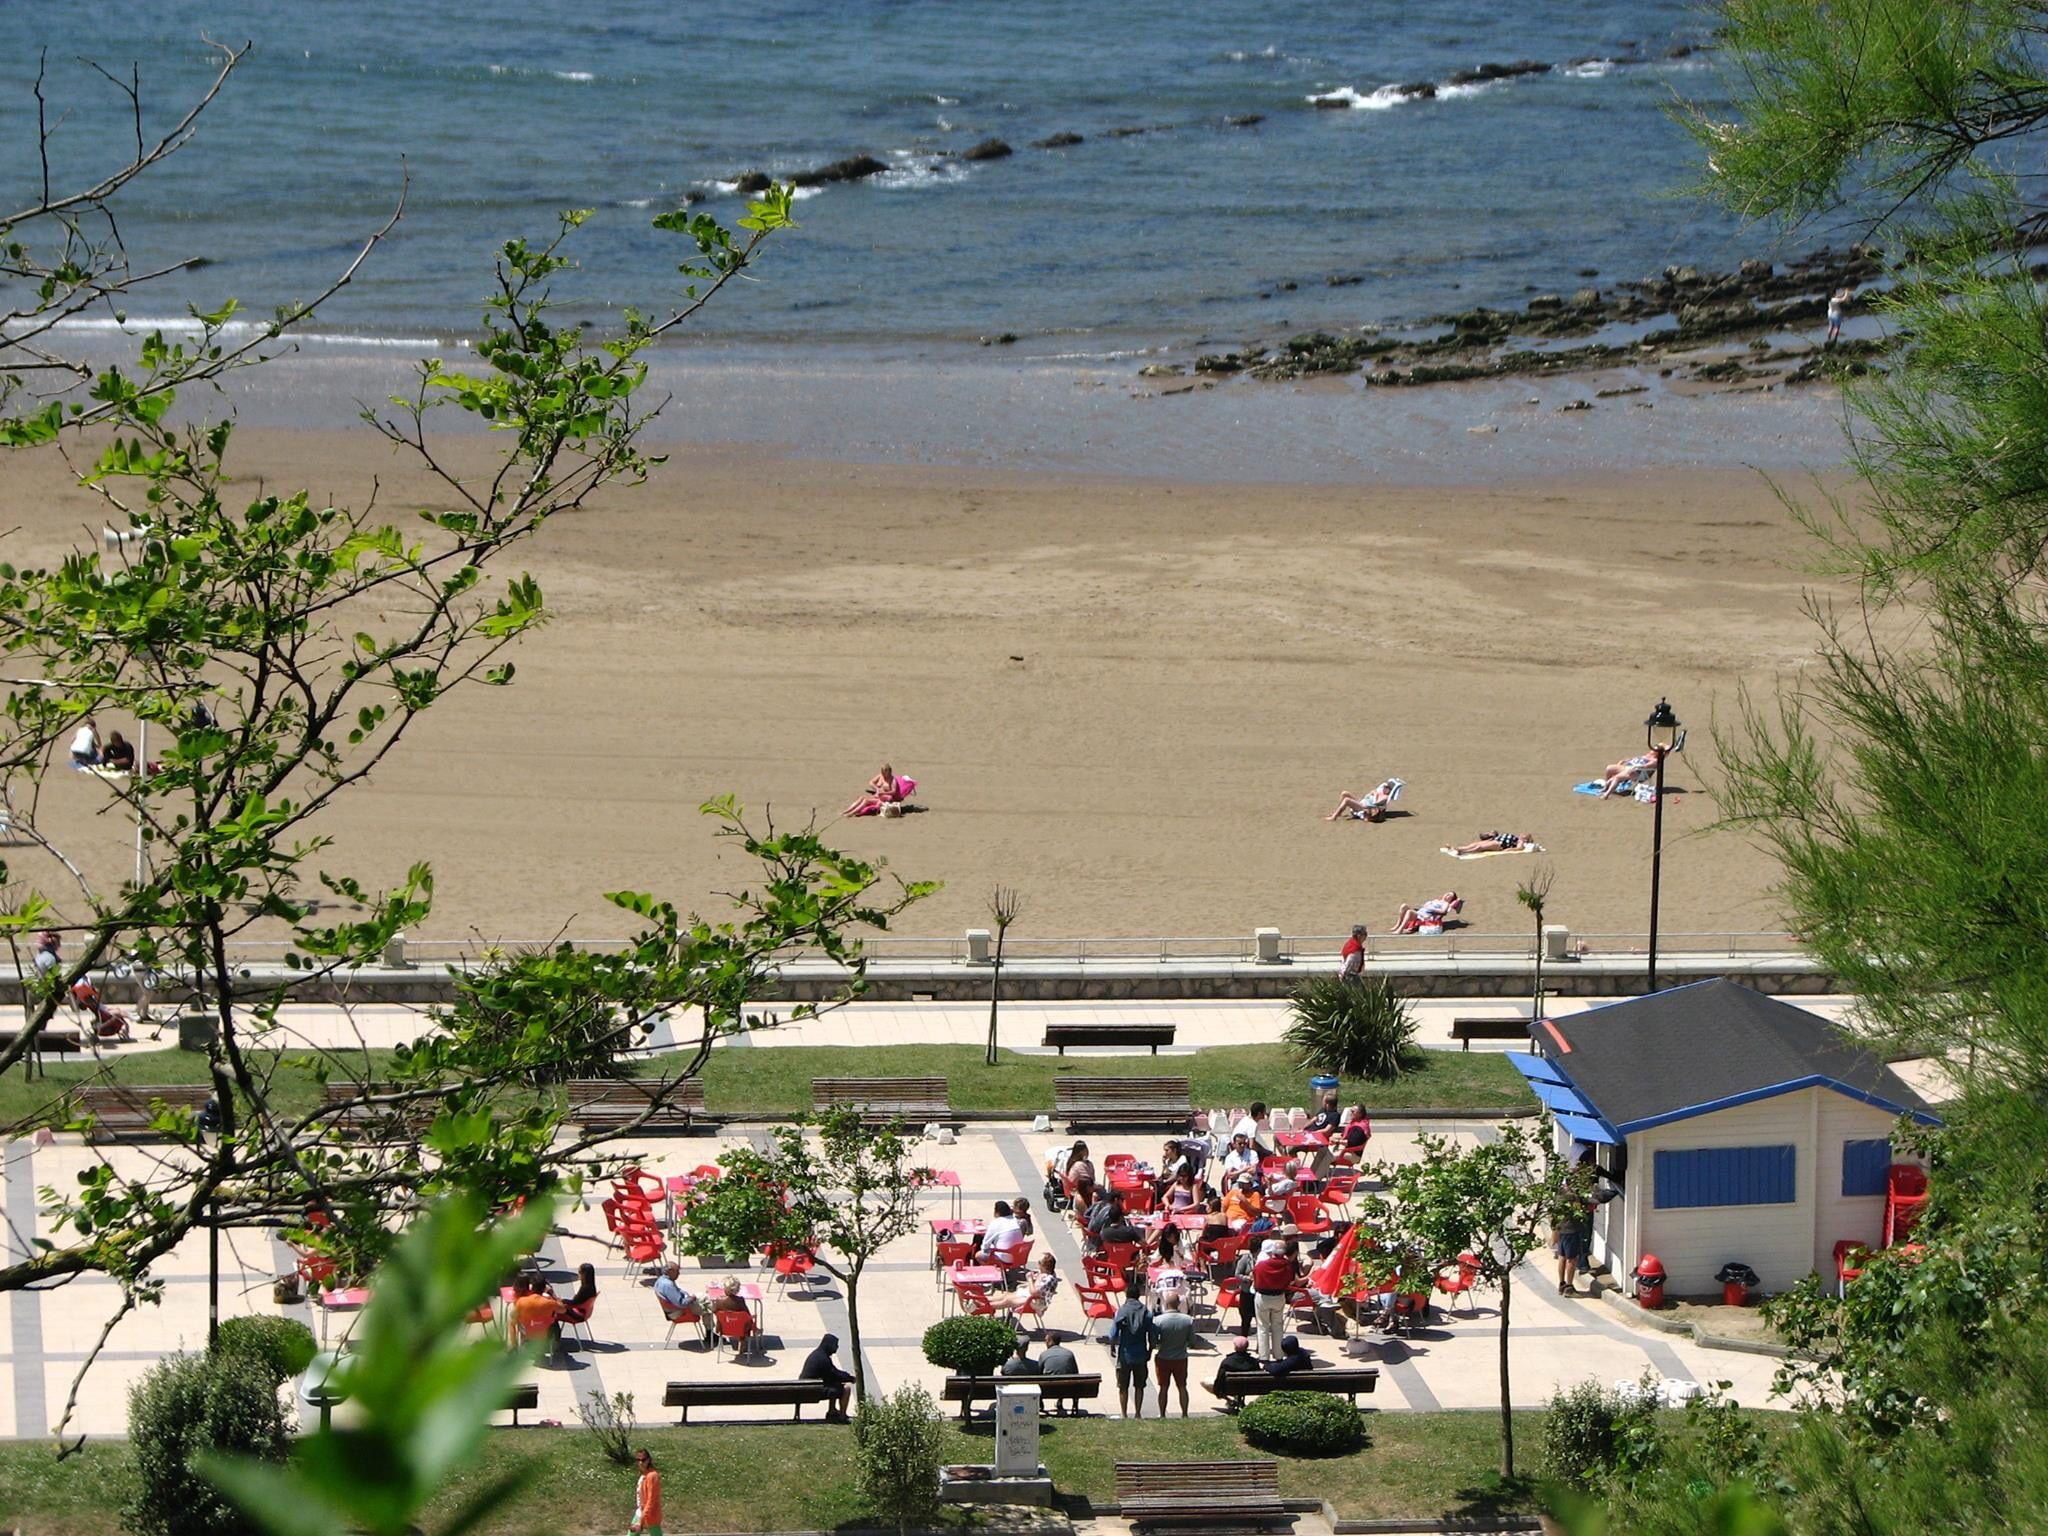 Getxo - Playa de Ereaga